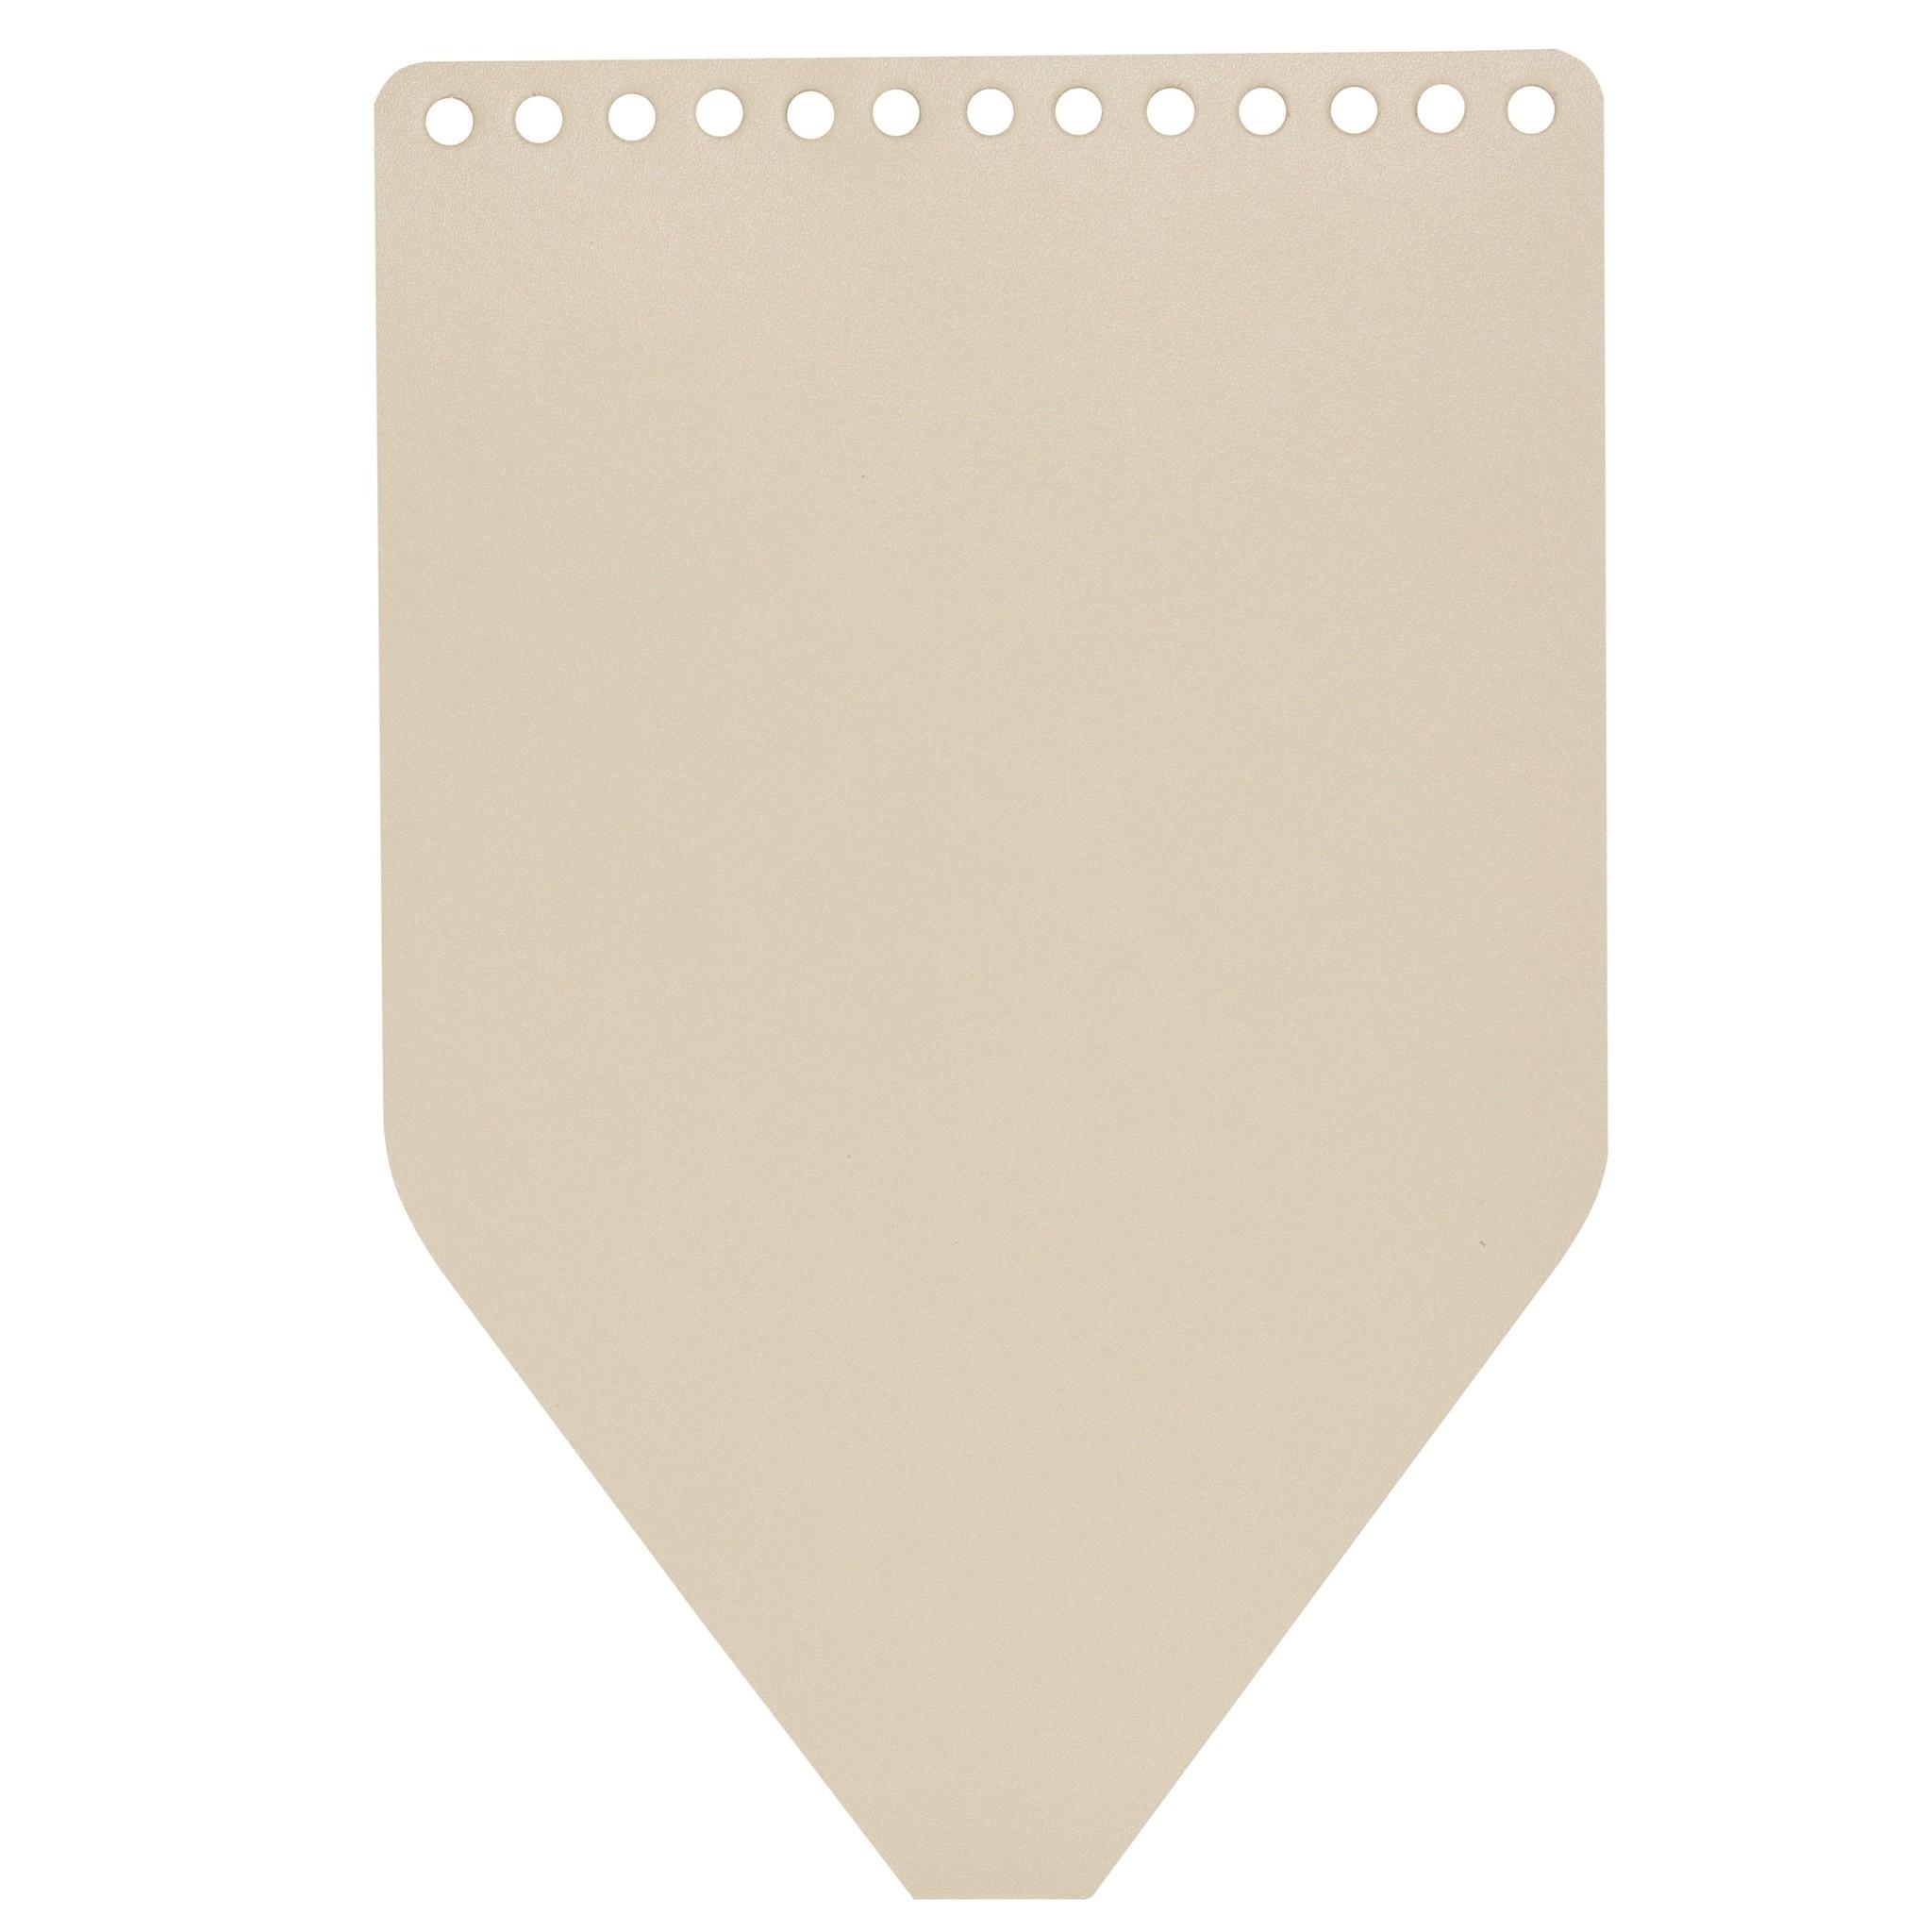 Вся фурнитура Клапан для рюкзачка кожаный Кремовый IMG_1997.jpg